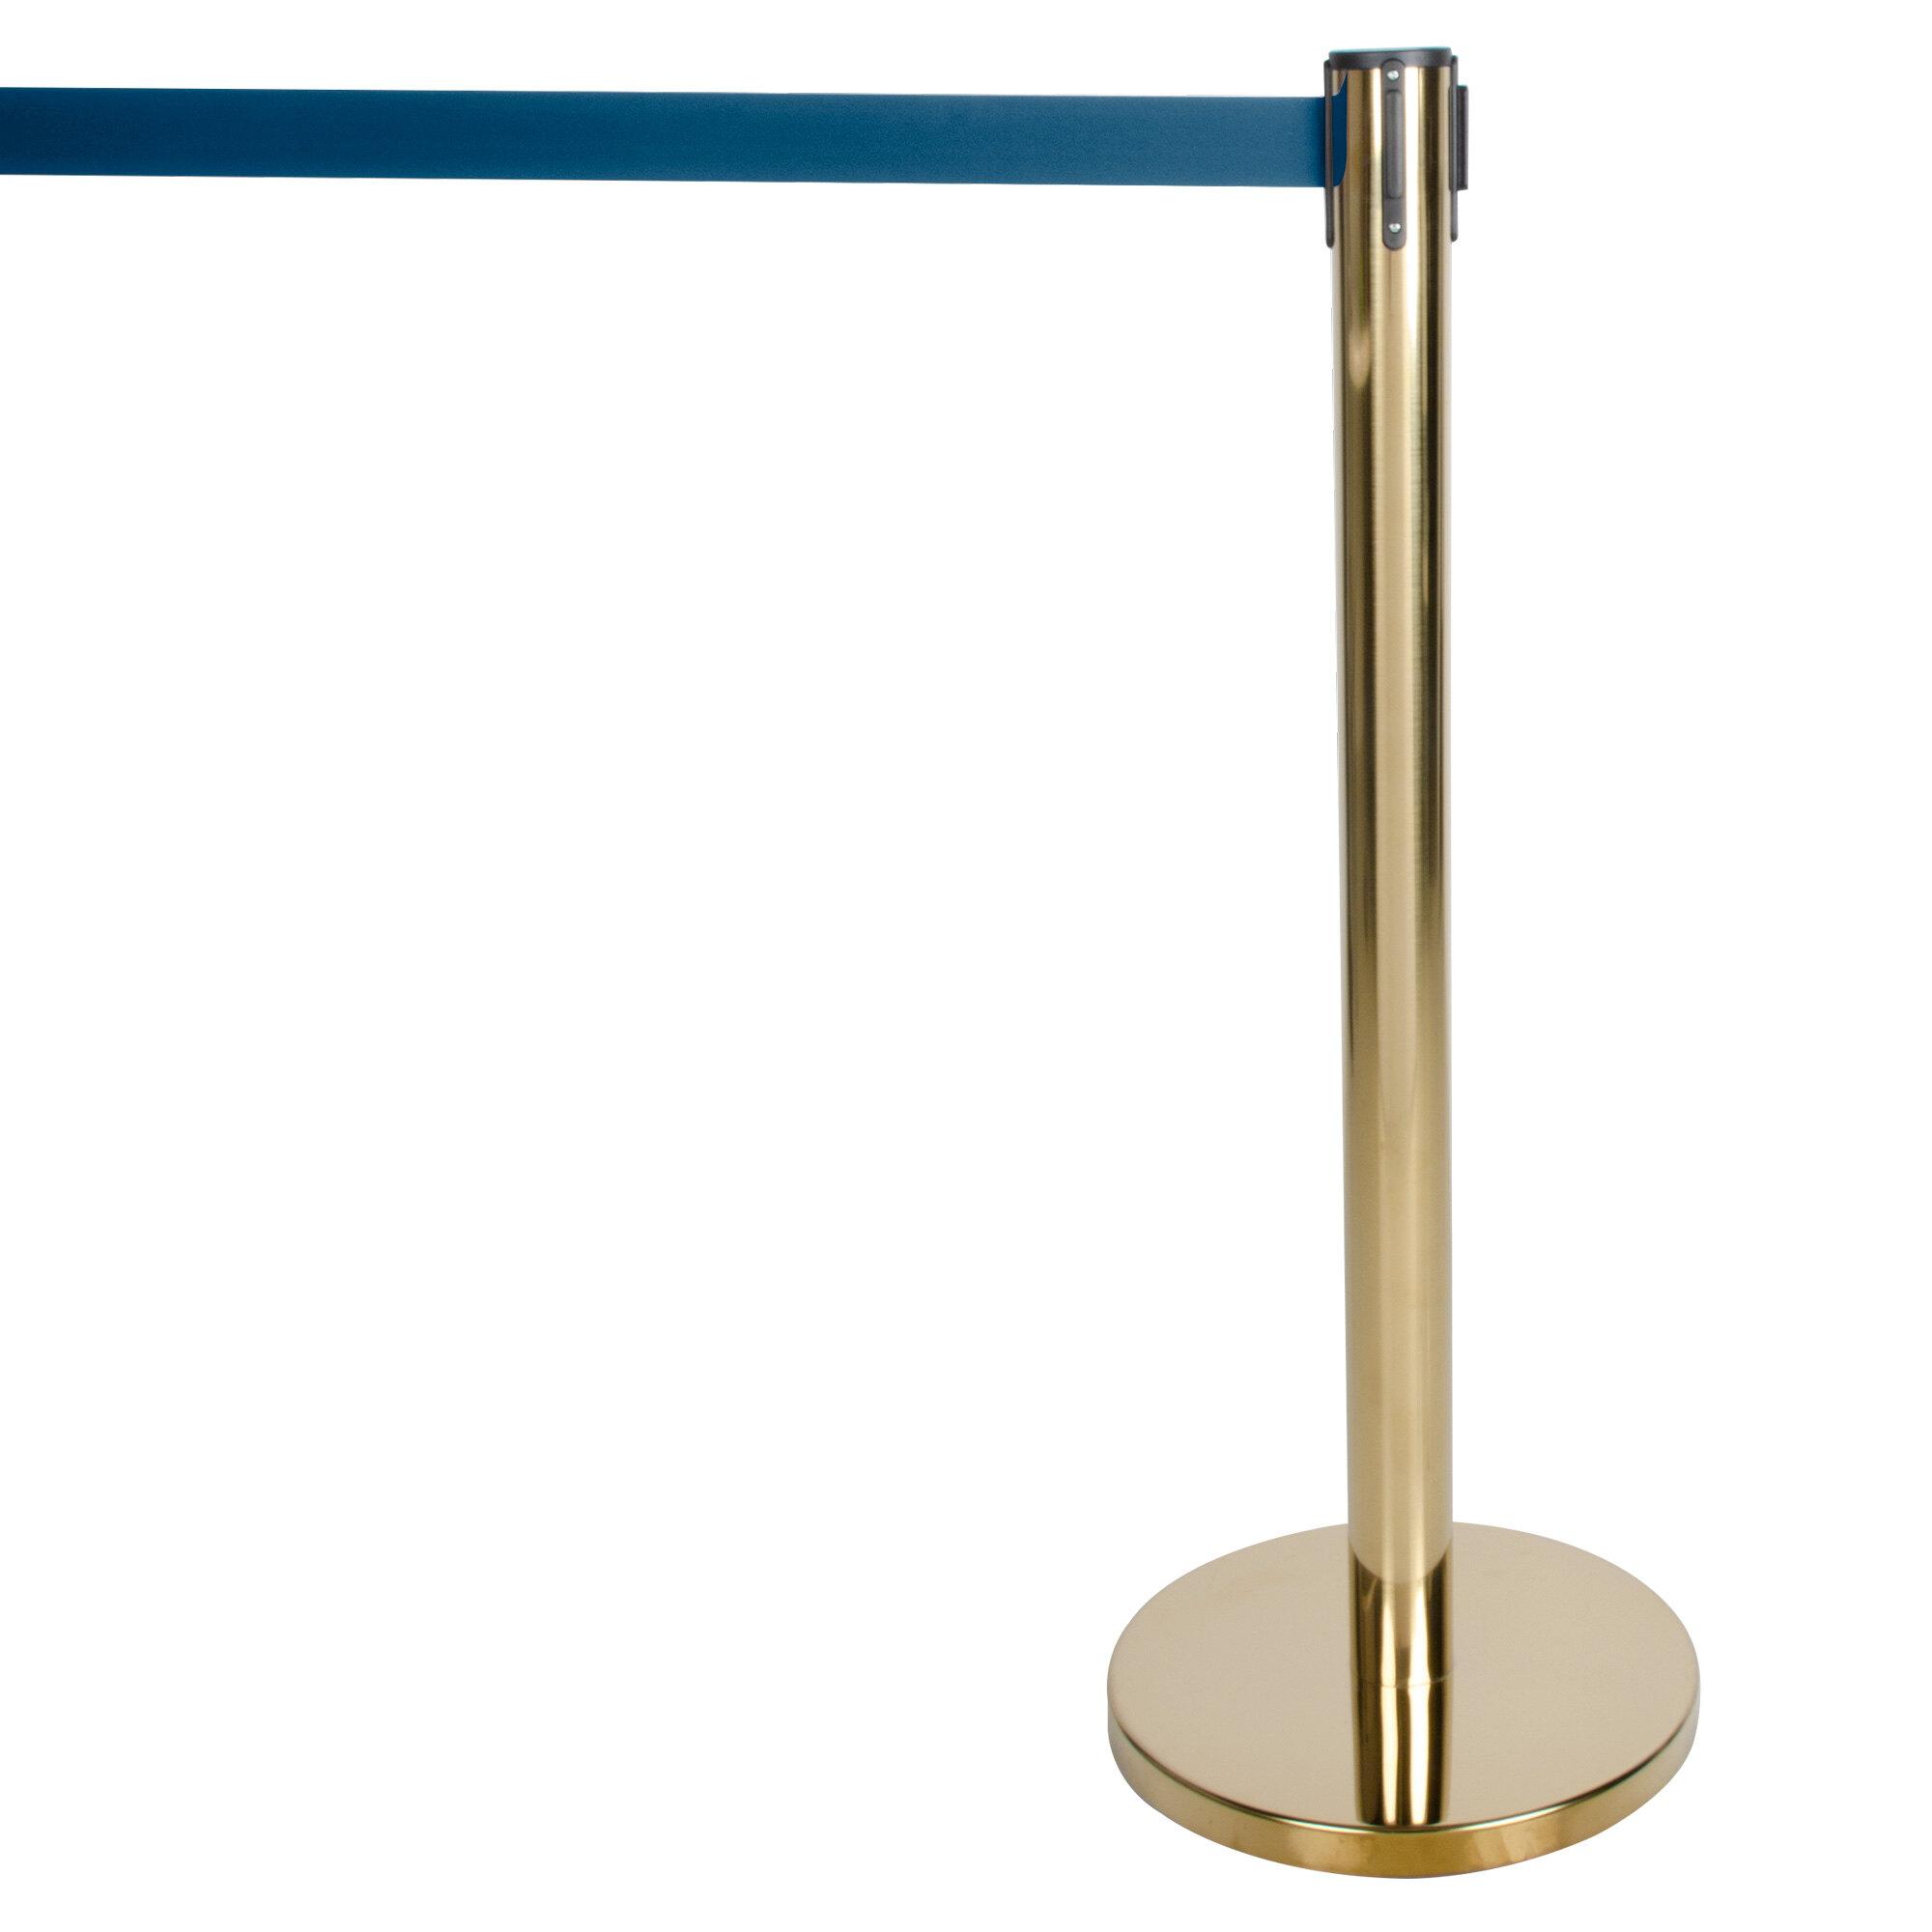 Aarco HB-7  Form-a-line Retractable Belt Stanchion Brass